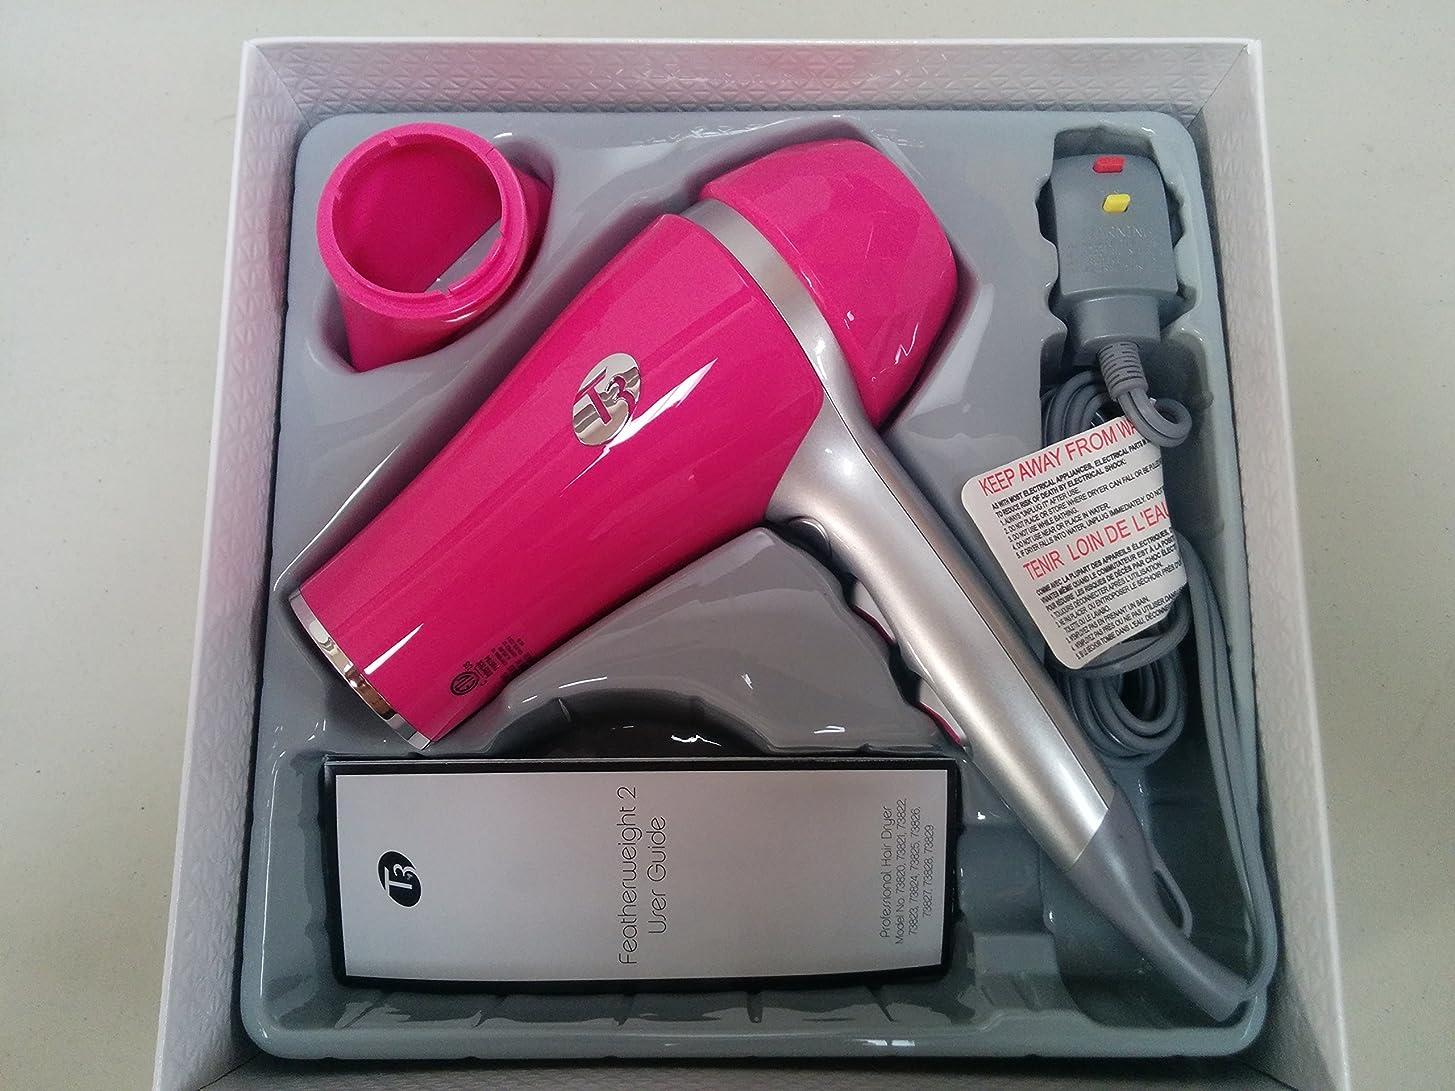 百夫婦シリーズT3 Featherweight 2 Hair Dryer - Model # 73827 - Pink